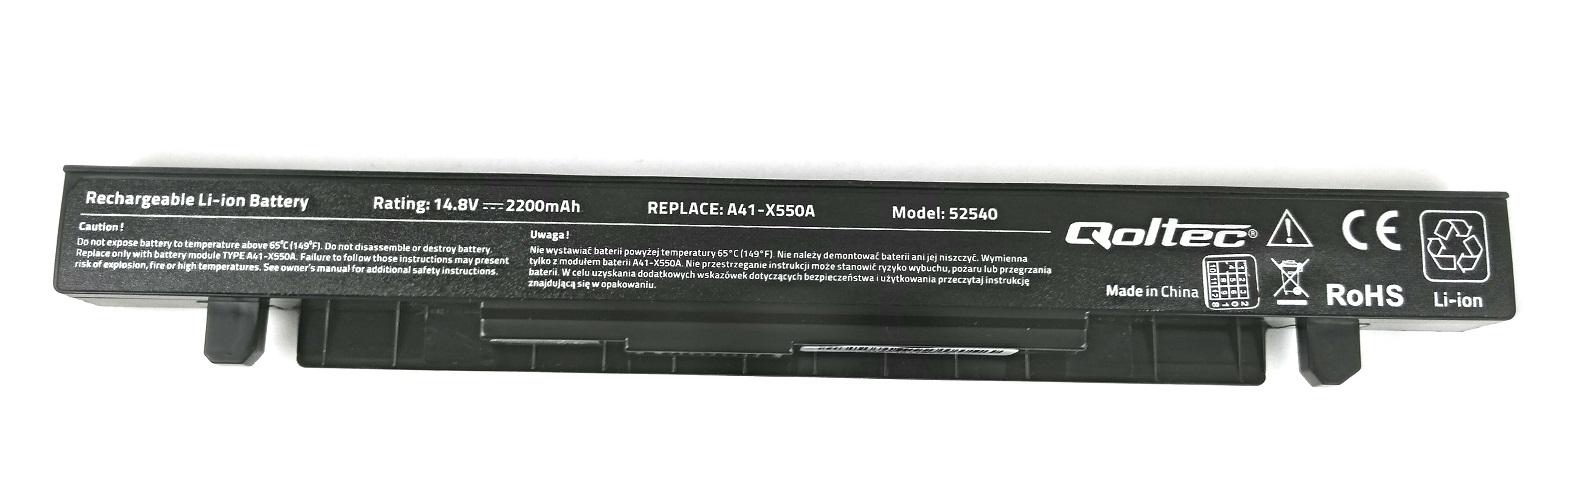 Baterie compatibila laptop Asus F550JK